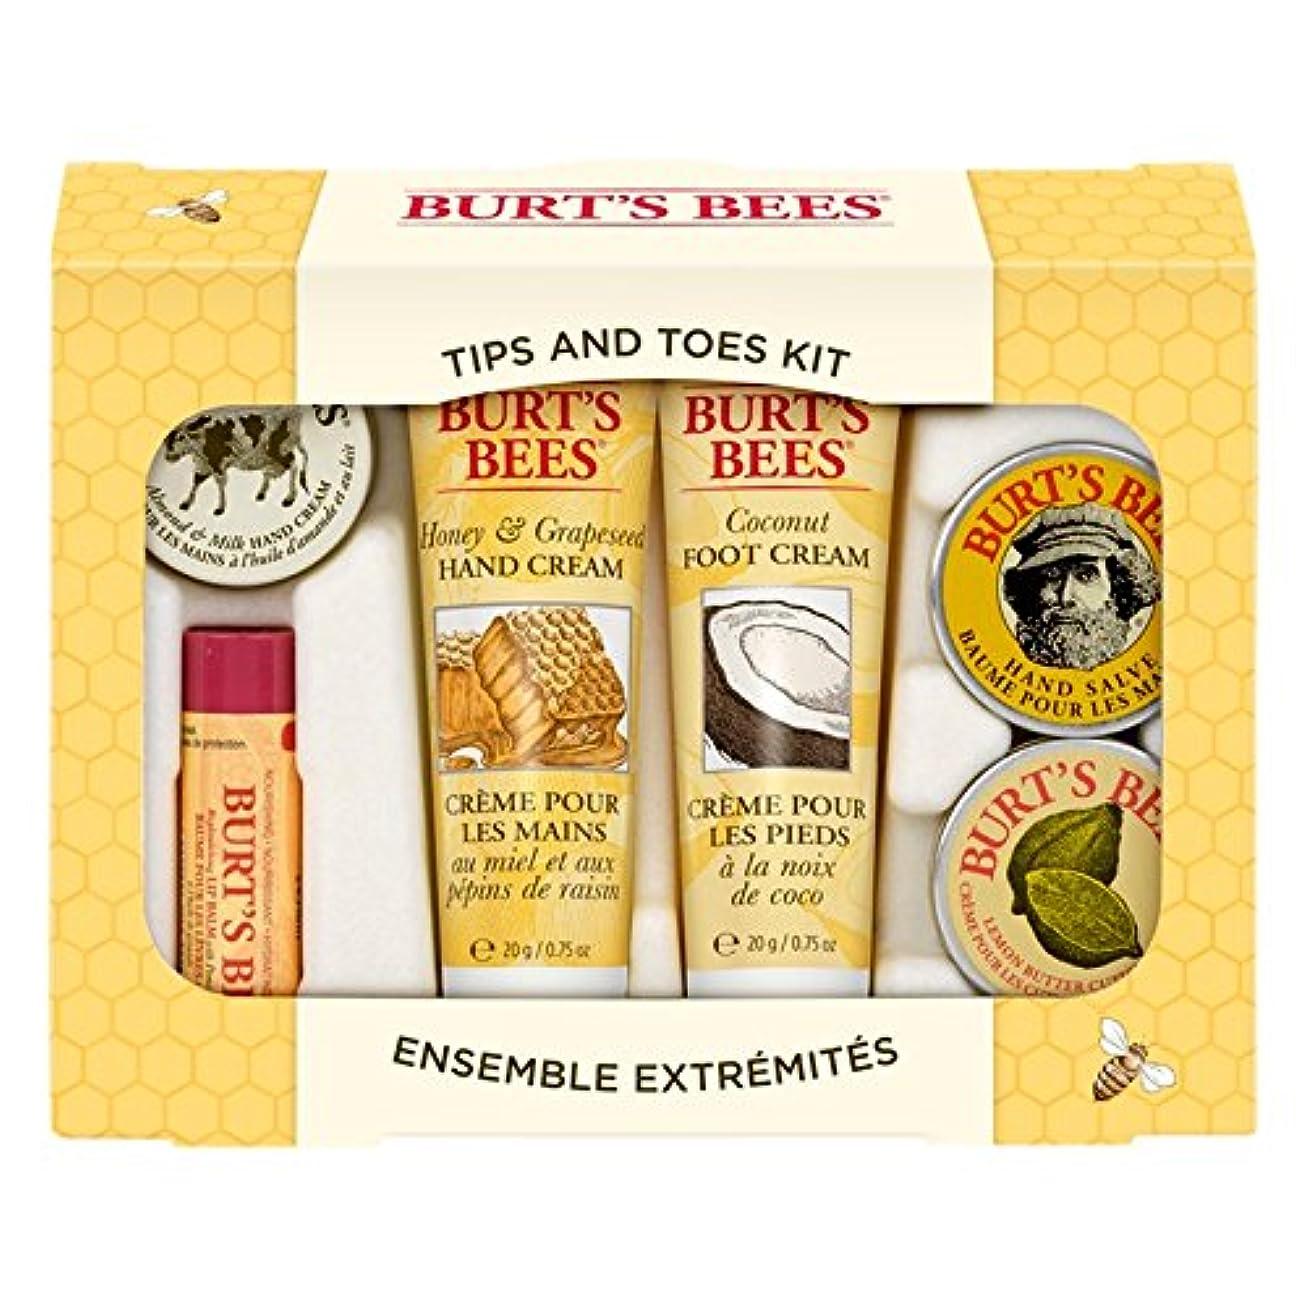 再生的ミント追い越すバーツビーのヒントとつま先はスターターキットをスキンケア (Burt's Bees) - Burt's Bees Tips And Toes Skincare Starter Kit [並行輸入品]